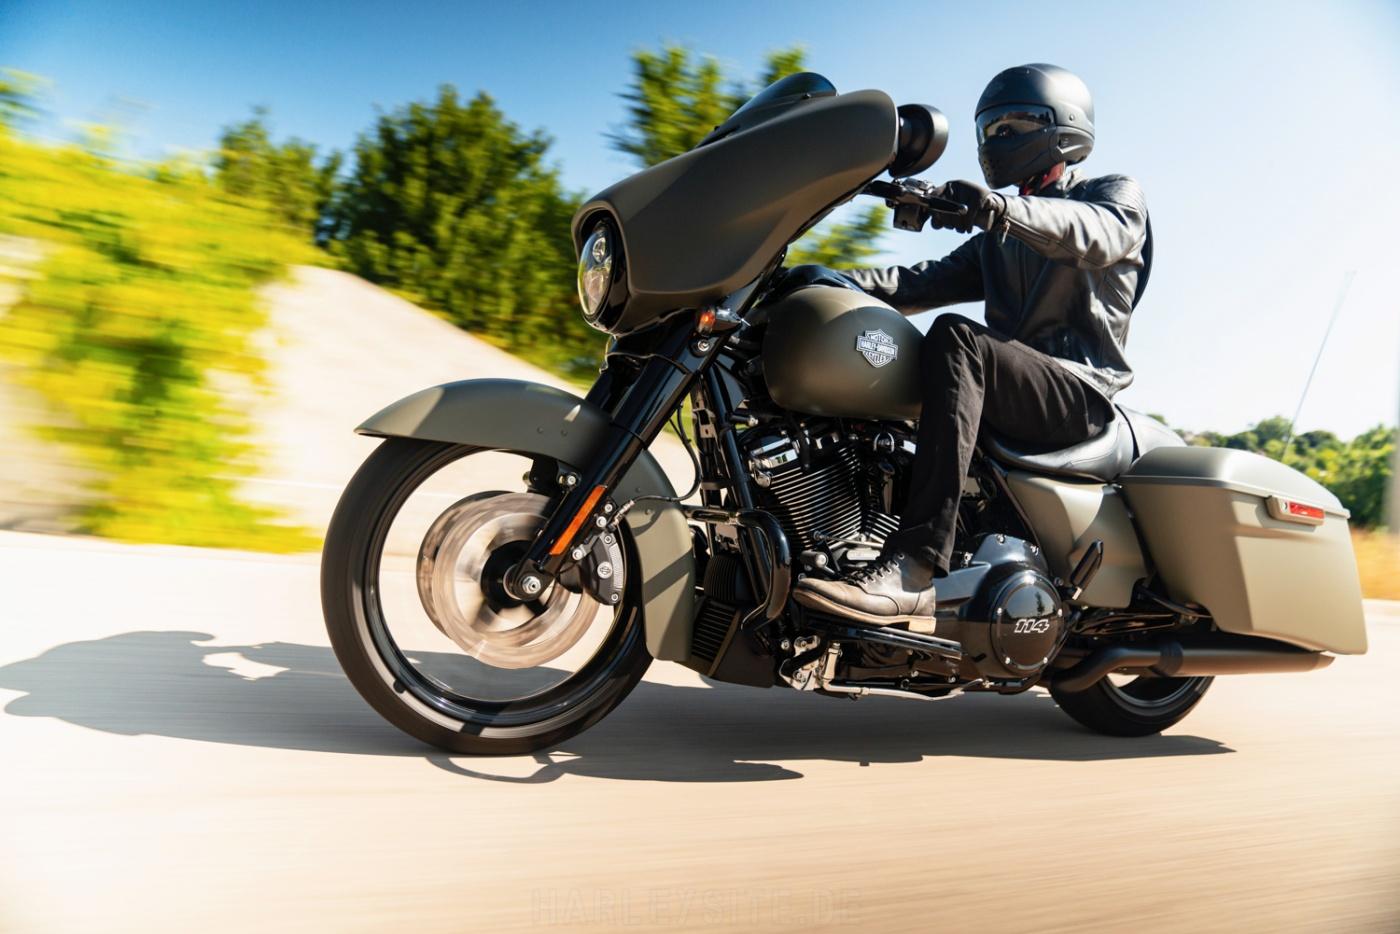 Tief montierte Sturzbügel - Harley-Davidson Street Glide Special 2021